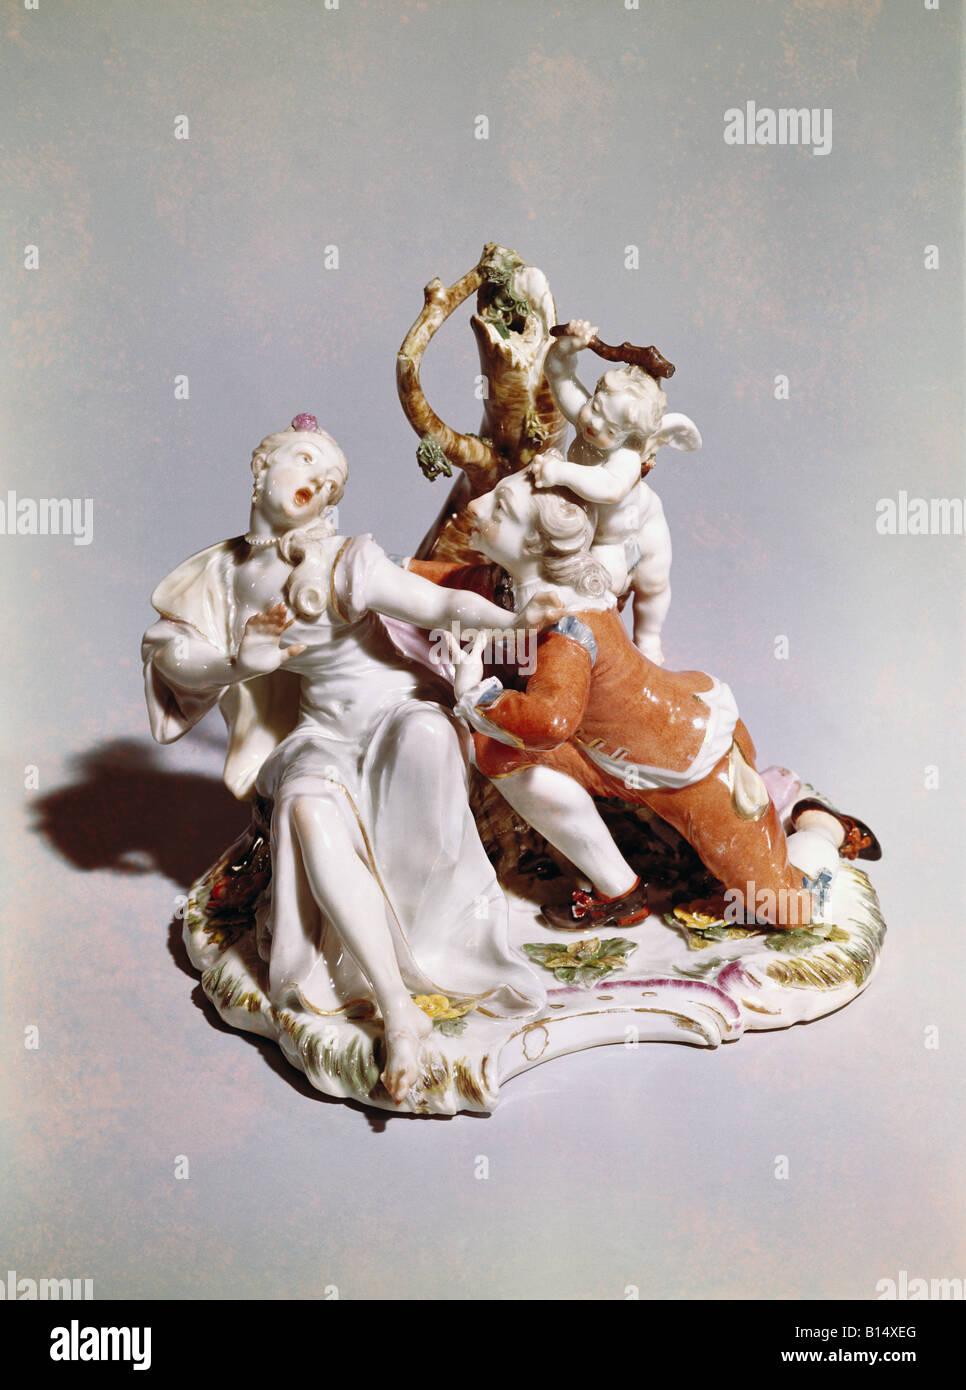 """Belle arti, Bustelli Franz Anton (12.4.1723 - 18.4.1763), scultura, """"l'Amante tempestoso', circa 1756, Immagini Stock"""